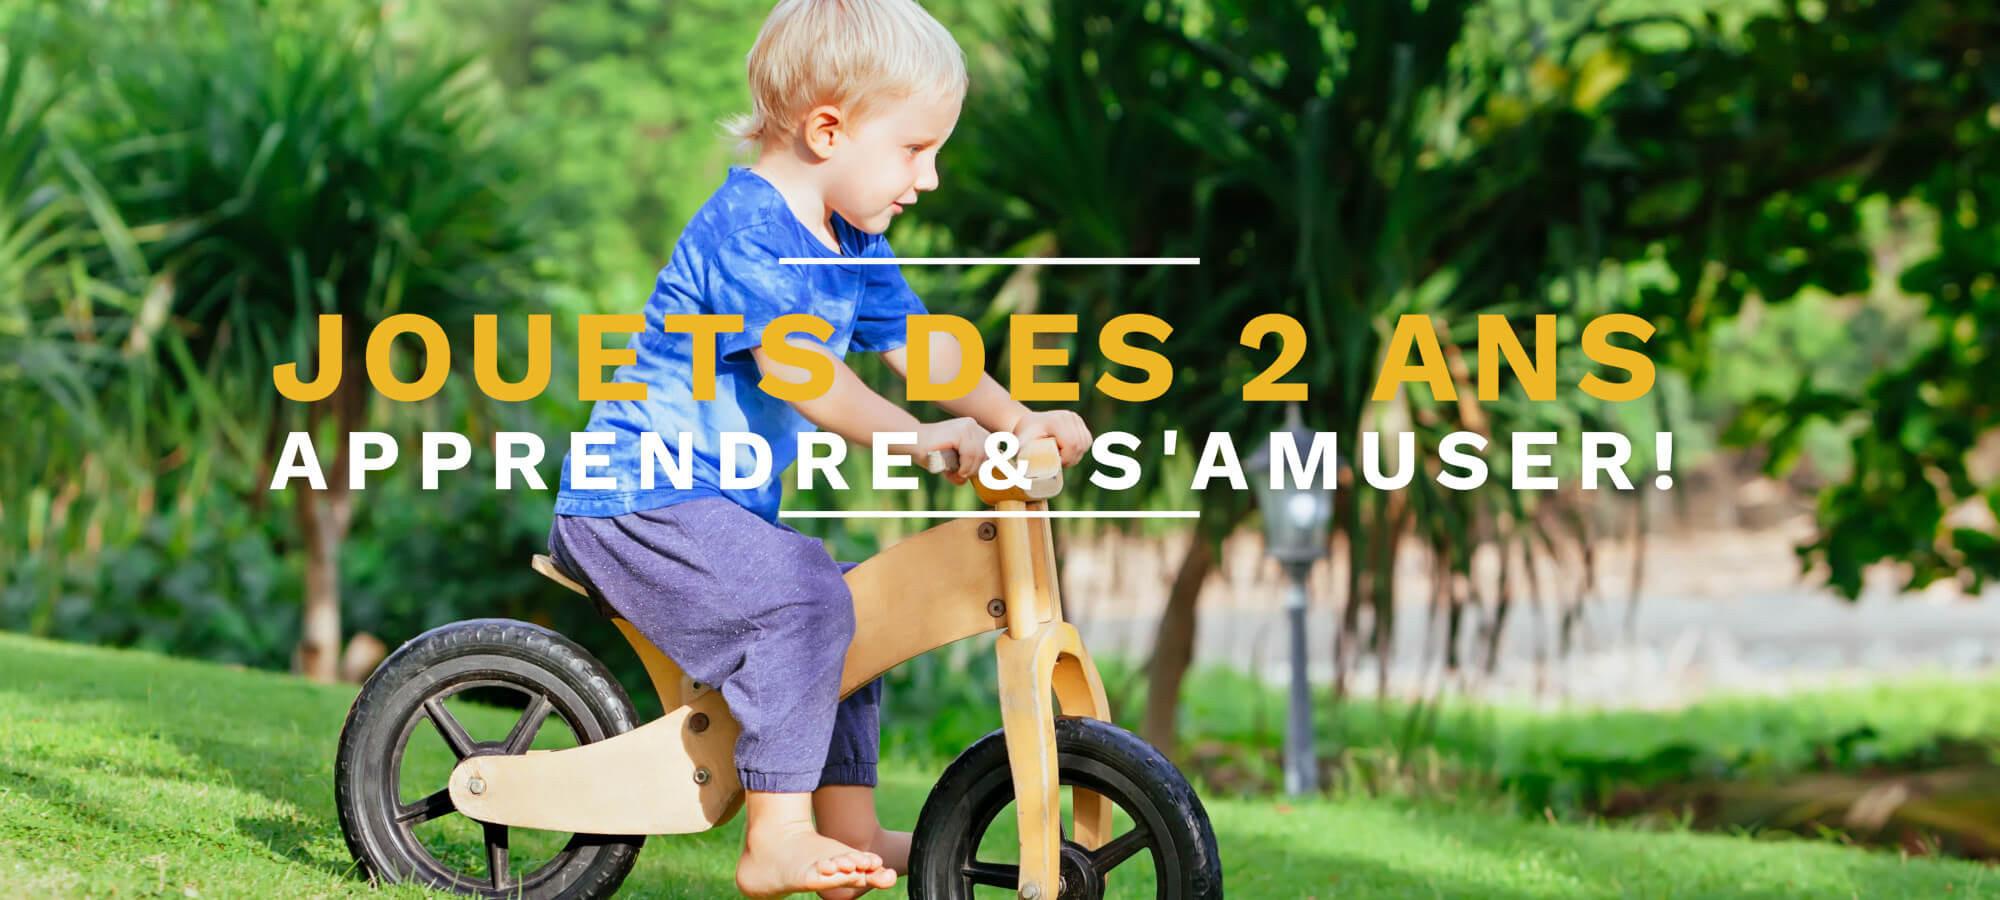 Jouets d'inspiration Montessori  pour enfant 1 an - Site FR - Livraison rapide